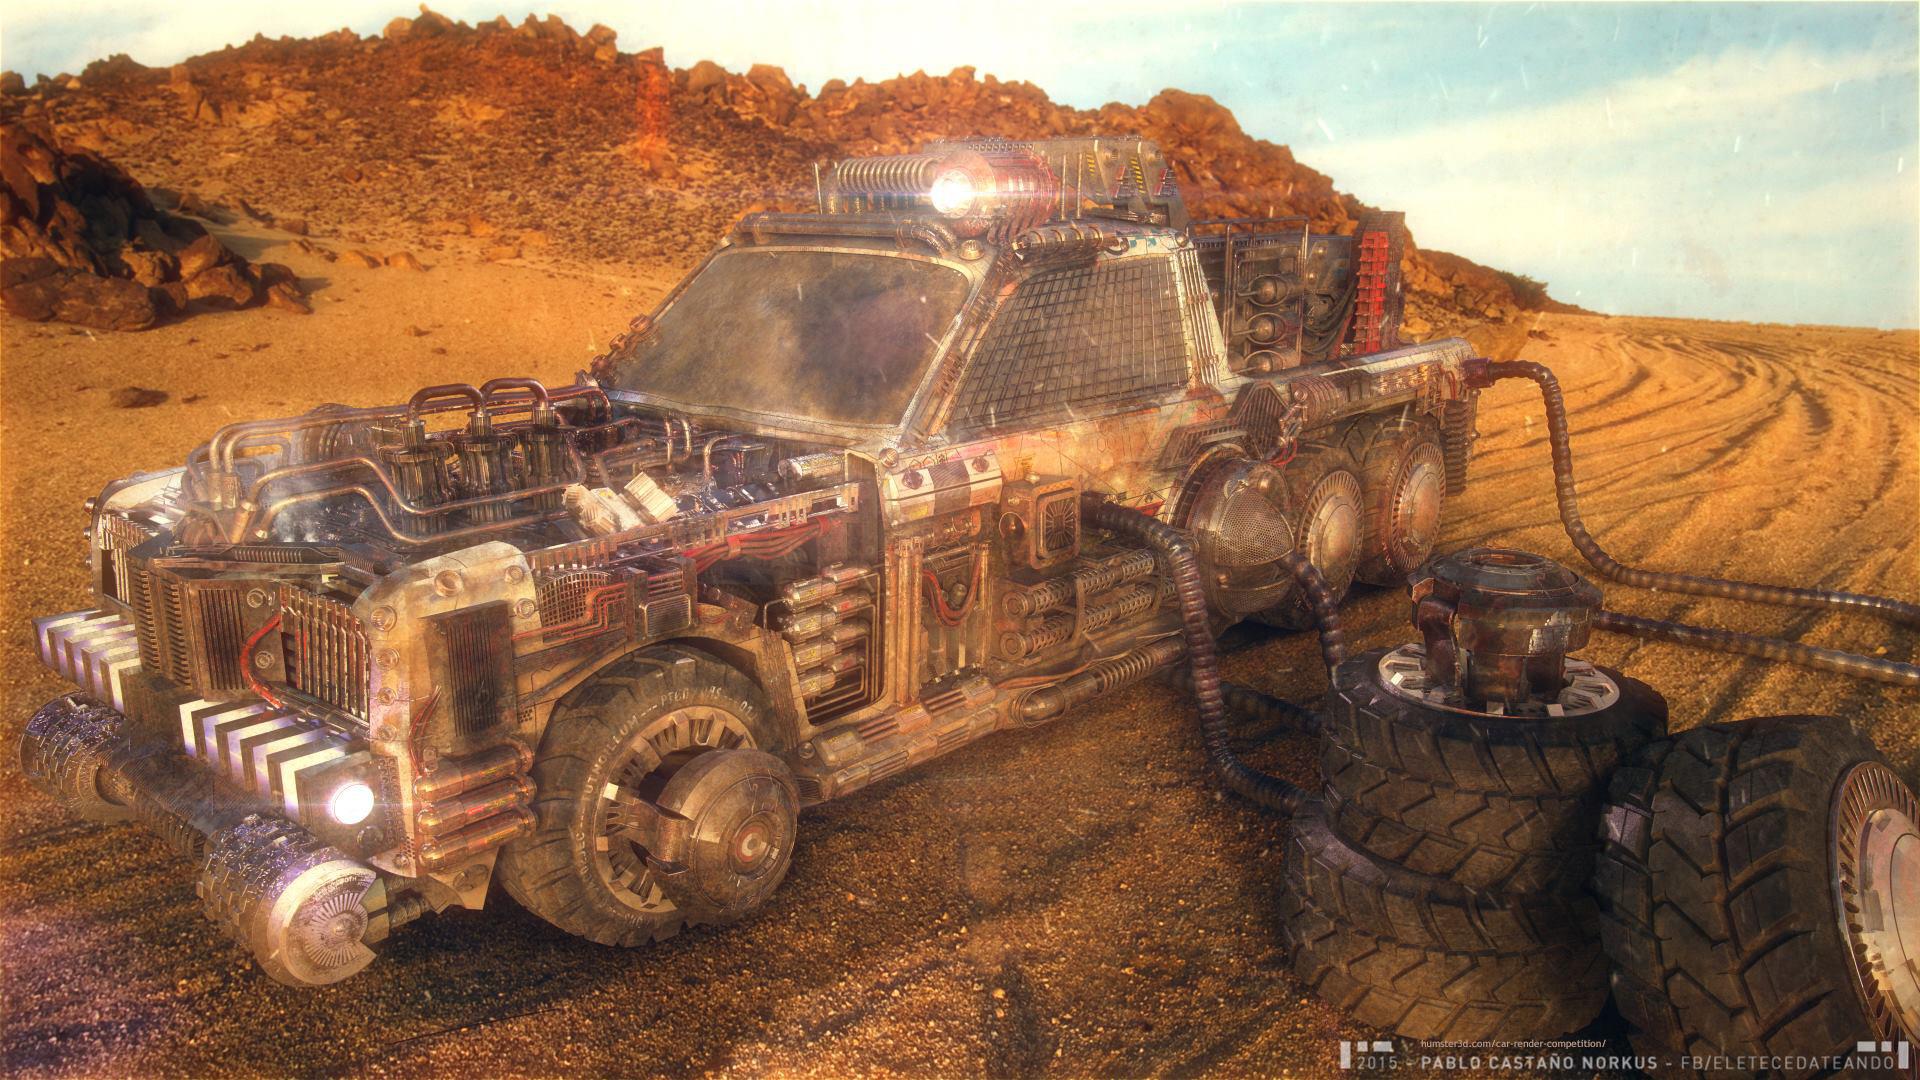 Desert-Dust Vehicle 3d art